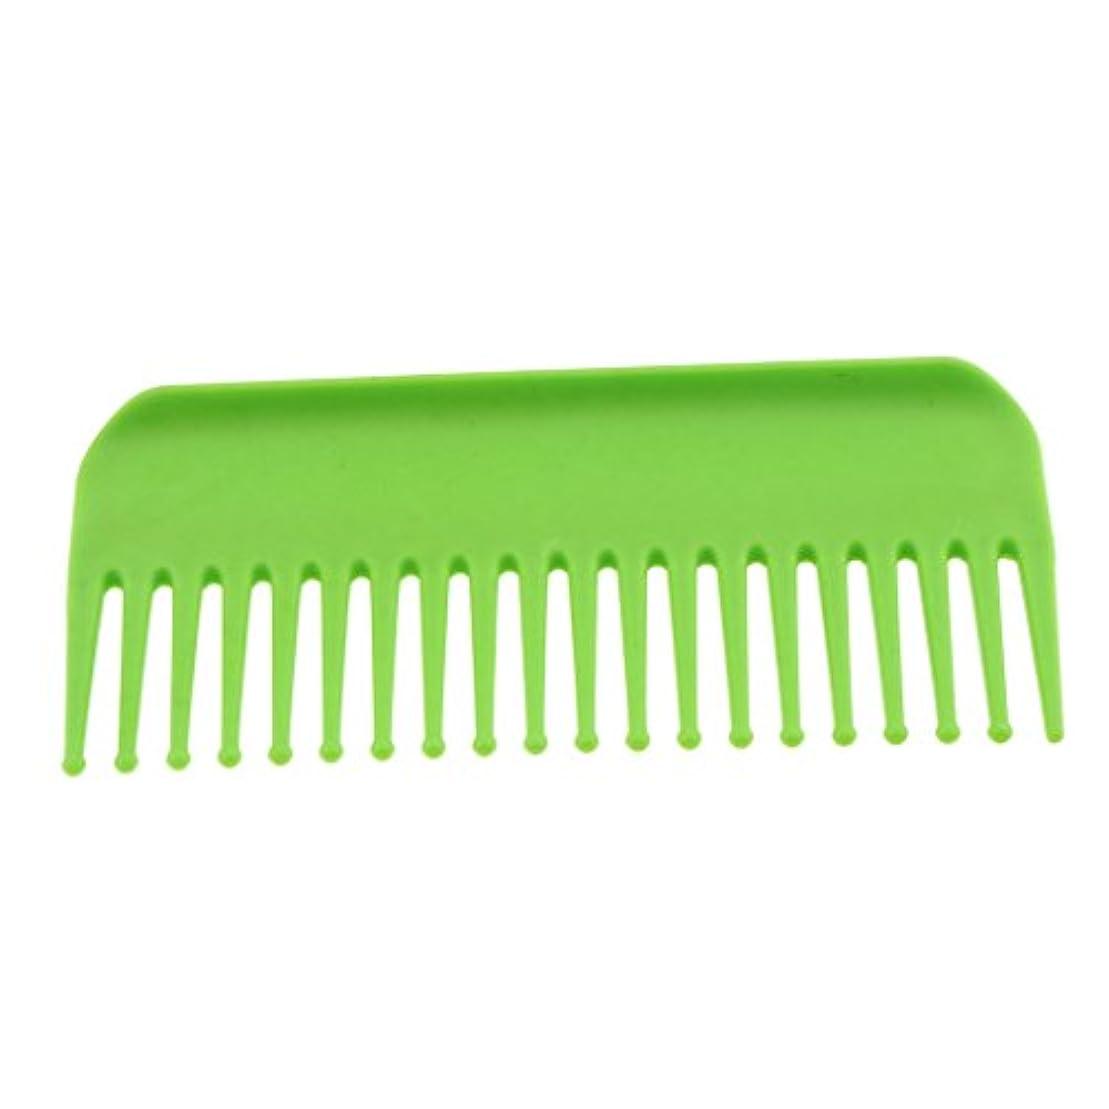 三代替レタッチサロンヘアケア脱毛ヘアコームヘアブラシスタティックワイド - 緑